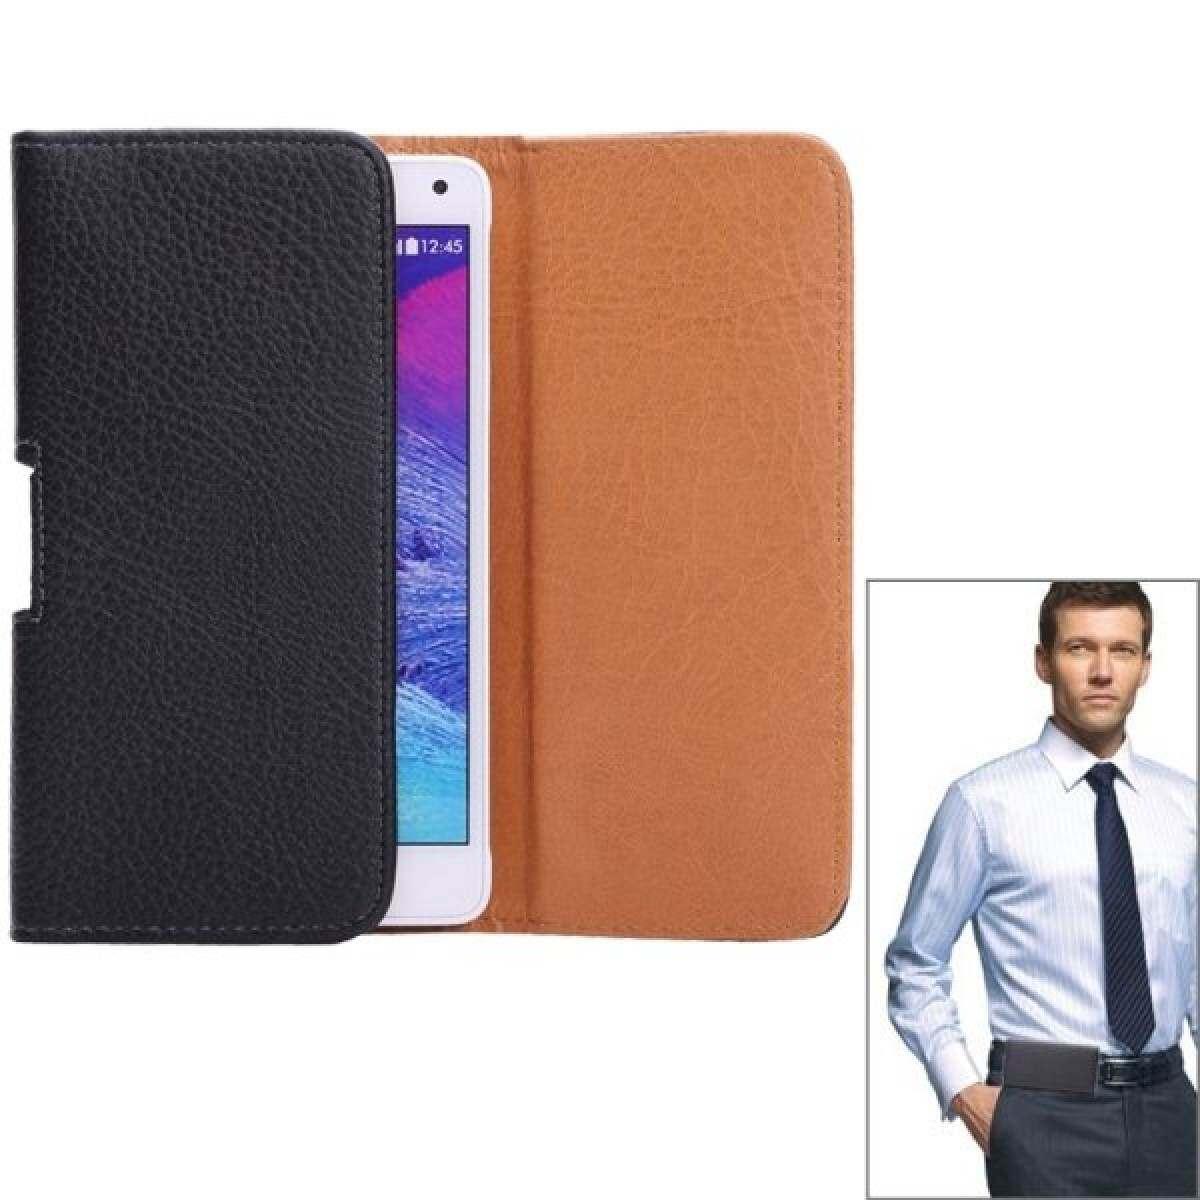 Lengkeng Tekstur Horizontal STYLE Tas Pinggang untuk Samsung Galaxy Note 4/Note 3/Note II/N7100